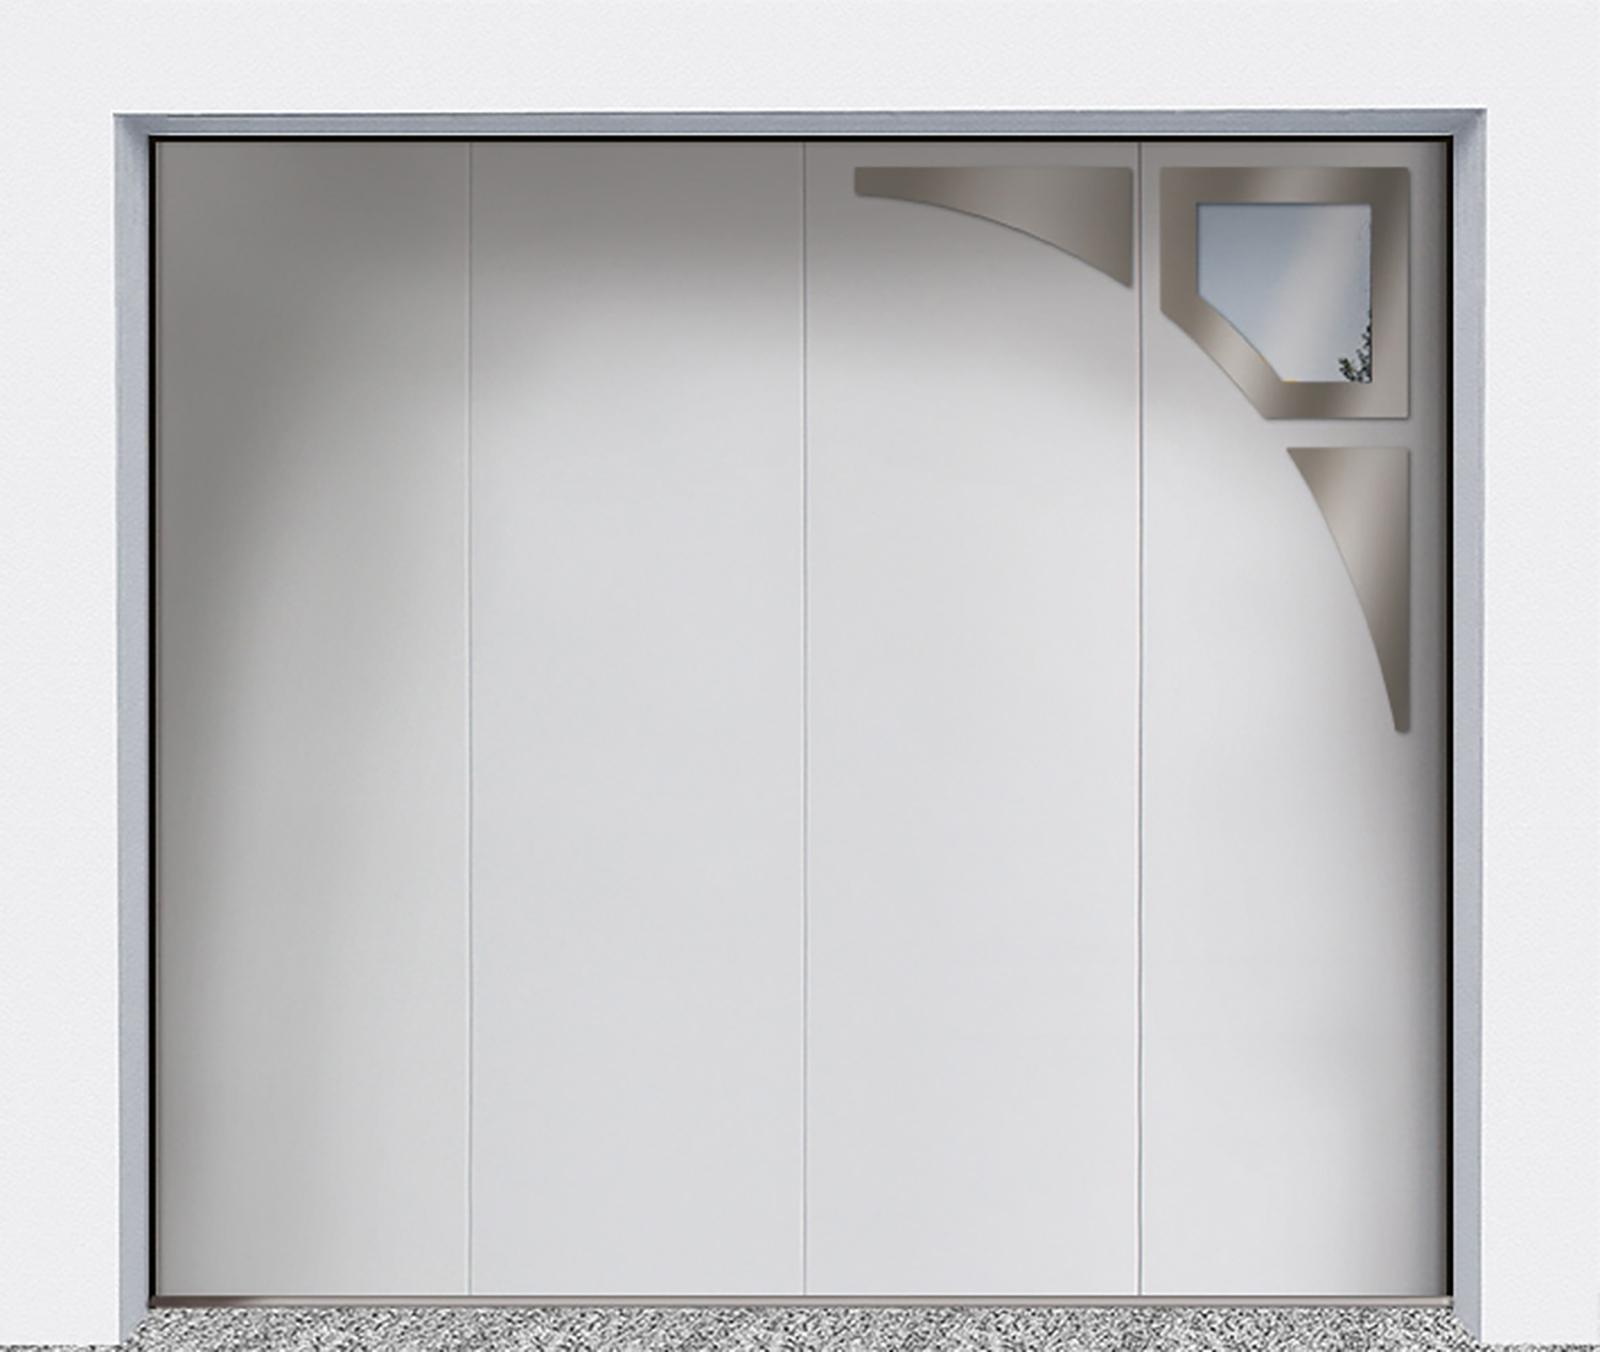 Mousse Sur Portail Pvc portes de garage sectionnelles latérales • b'plast